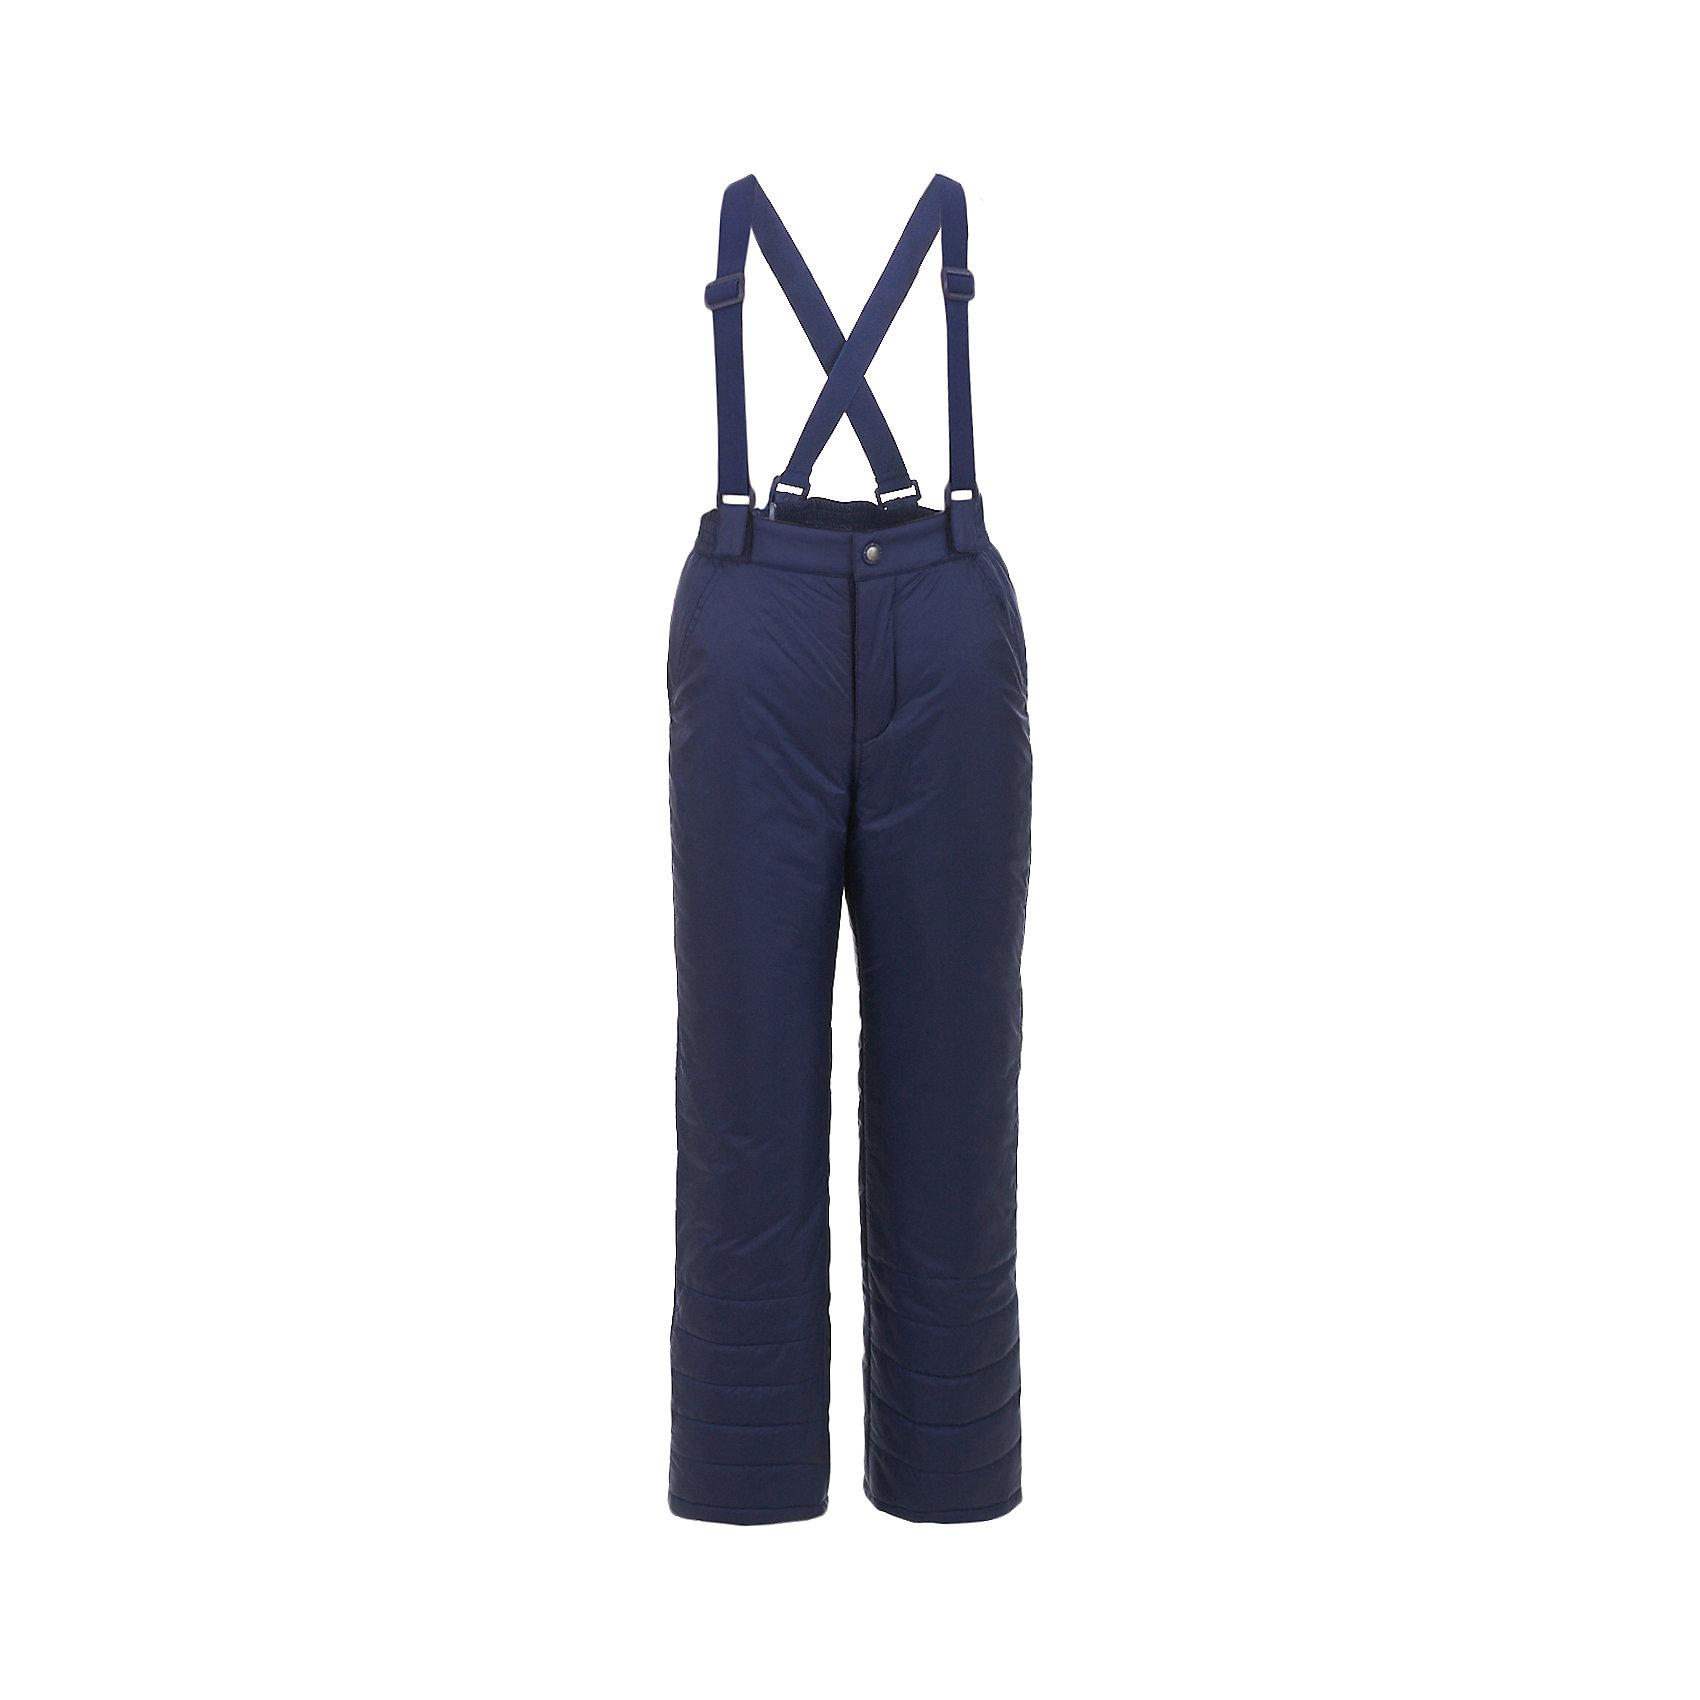 Брюки BUTTON BLUE для мальчикаВерхняя одежда<br>Брюки BUTTON BLUE для мальчика<br>Плащевые брюки на синтепоне – основа зимнего прогулочного гардероба ребенка. Основная задача этого изделия - сохранение тепла и эти брюки с ней справятся наилучшим образом. Чтобы проводить время на свежем воздухе с пользой и с удовольствием для ребенка, вам стоит купить детские брюки на синтепоне. Простые,  надежные, практичные брюки сделают каждый день ребенка уютным и комфортным.<br>Состав:<br>тк. верха:                        100%полиэстер,                           подкл.:               100%полиэстер, утепл.:         100%полиэстер<br><br>Ширина мм: 215<br>Глубина мм: 88<br>Высота мм: 191<br>Вес г: 336<br>Цвет: темно-синий<br>Возраст от месяцев: 24<br>Возраст до месяцев: 36<br>Пол: Мужской<br>Возраст: Детский<br>Размер: 98,158,152,146,140,134,128,122,116,110,104<br>SKU: 7039012